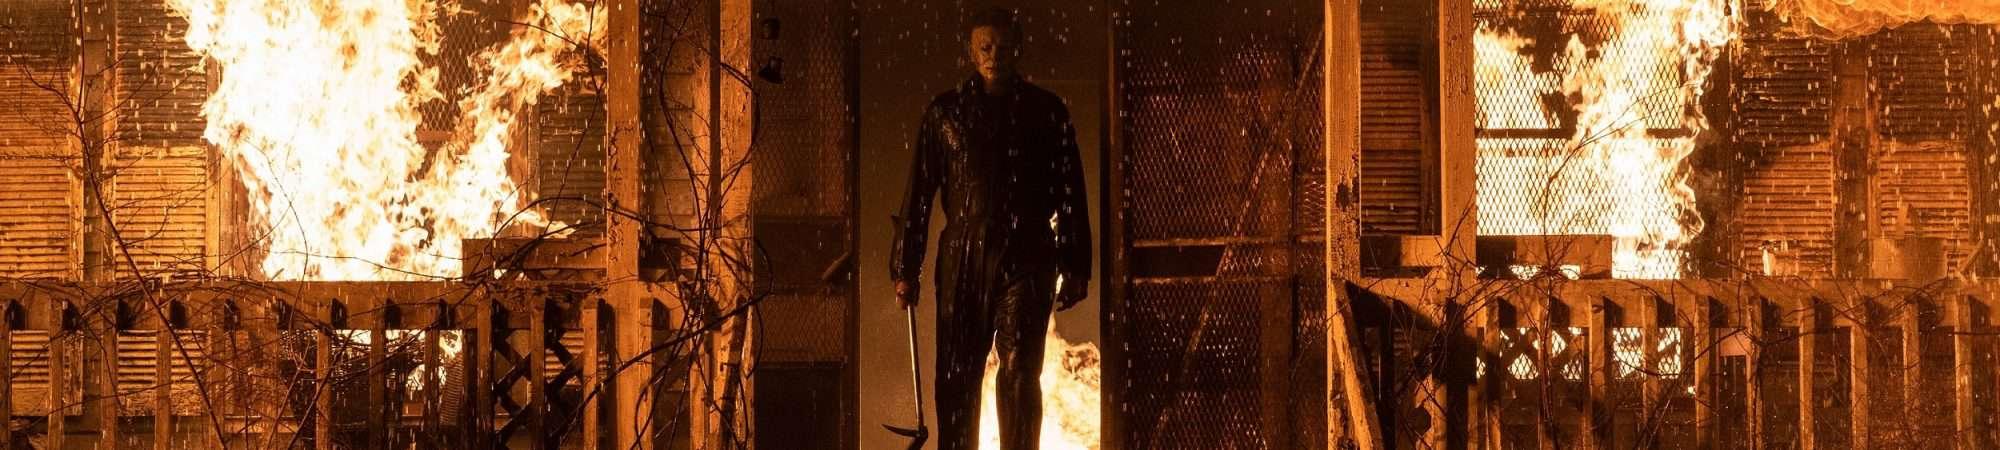 Michael Myers (también conocido como The Shape) en Halloween Kills, dirigida por David Gordon Green